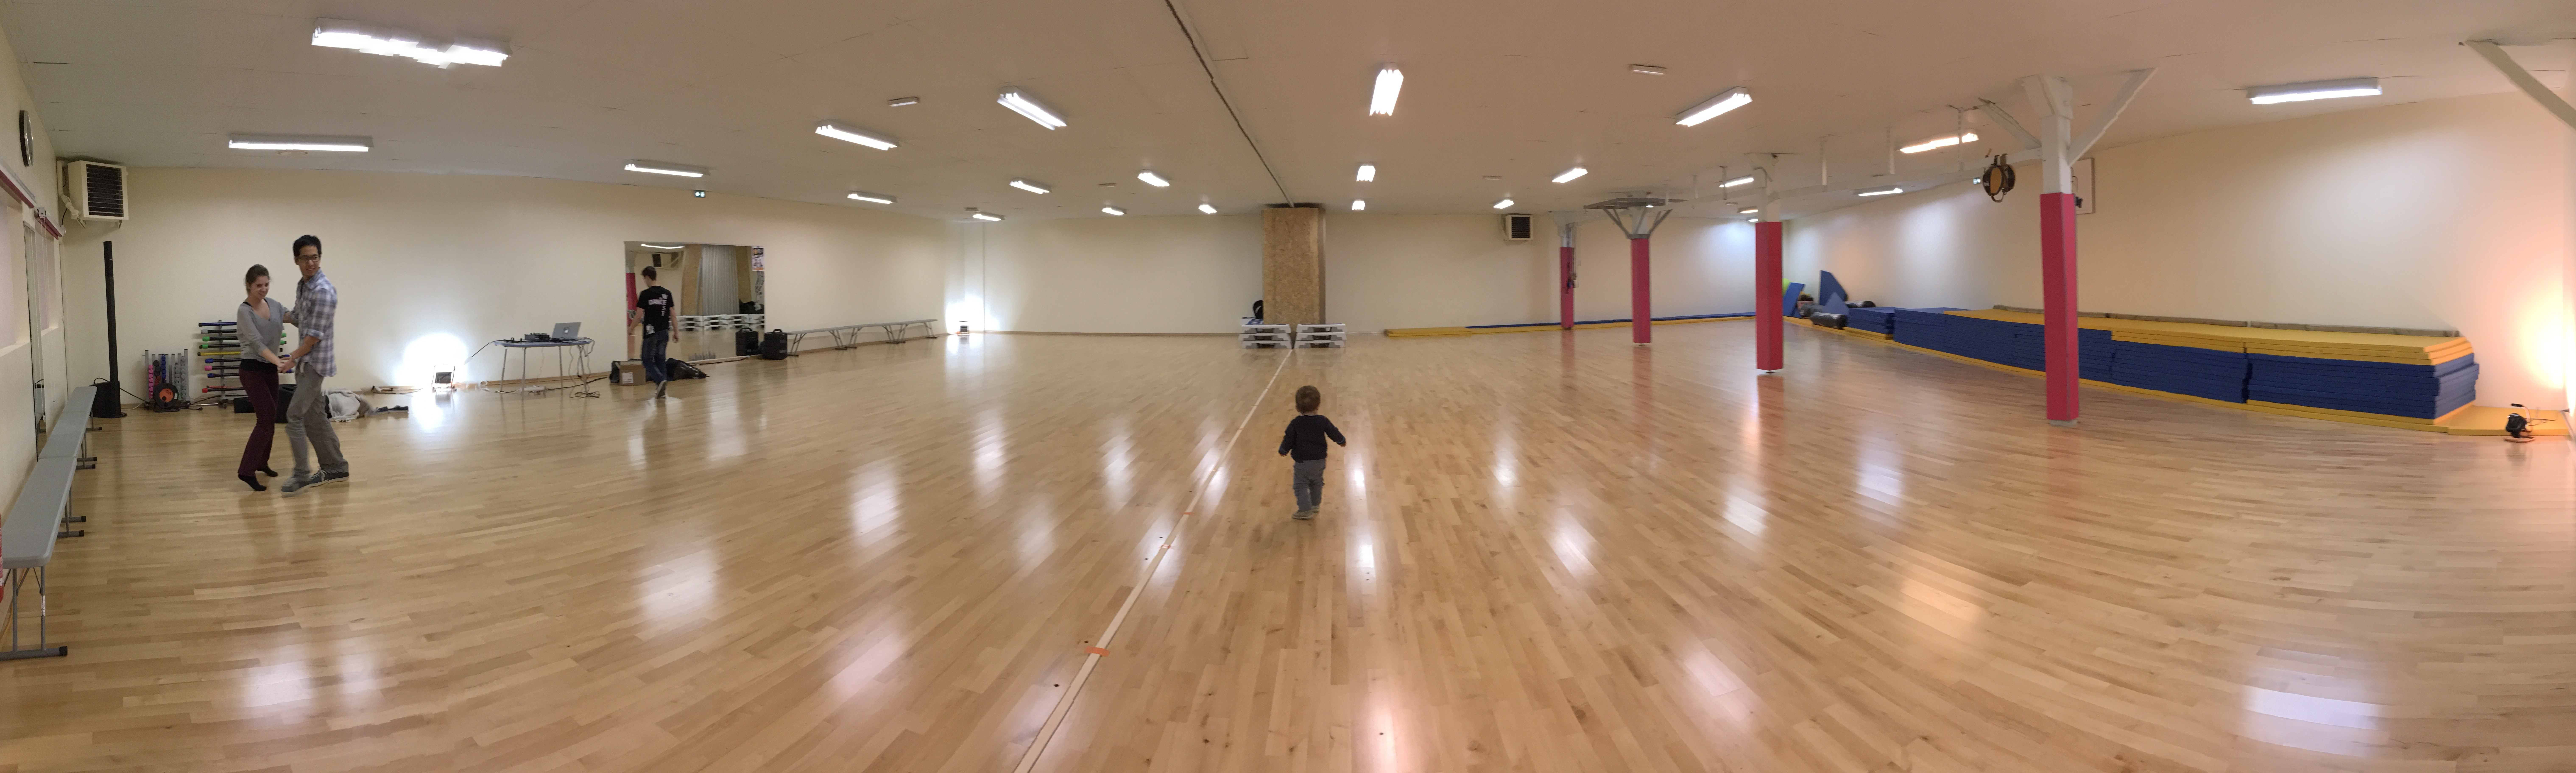 Salle danse & combat (sans tapis) réunis